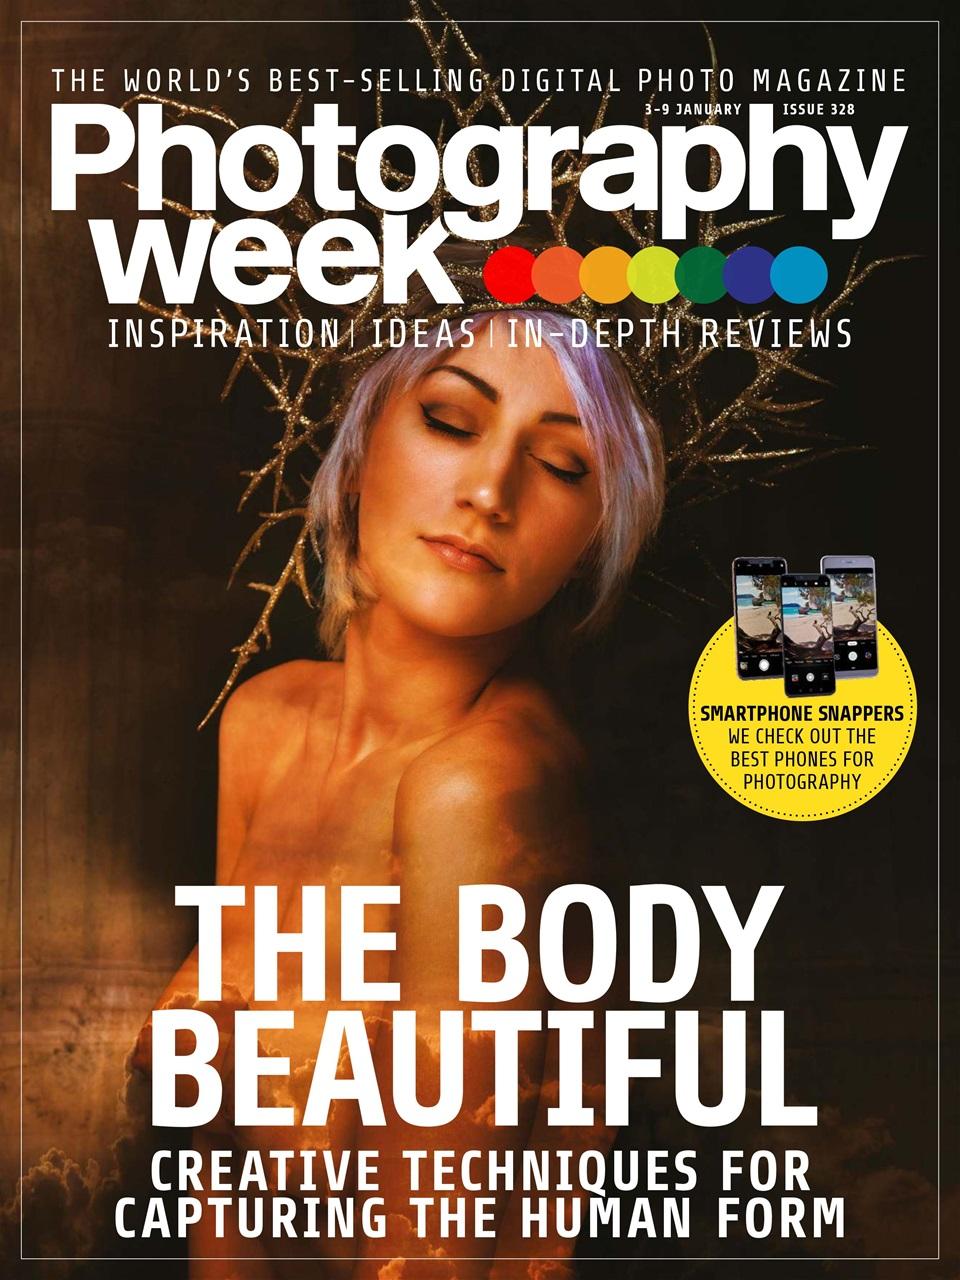 Soft porn magazine for women idea brilliant